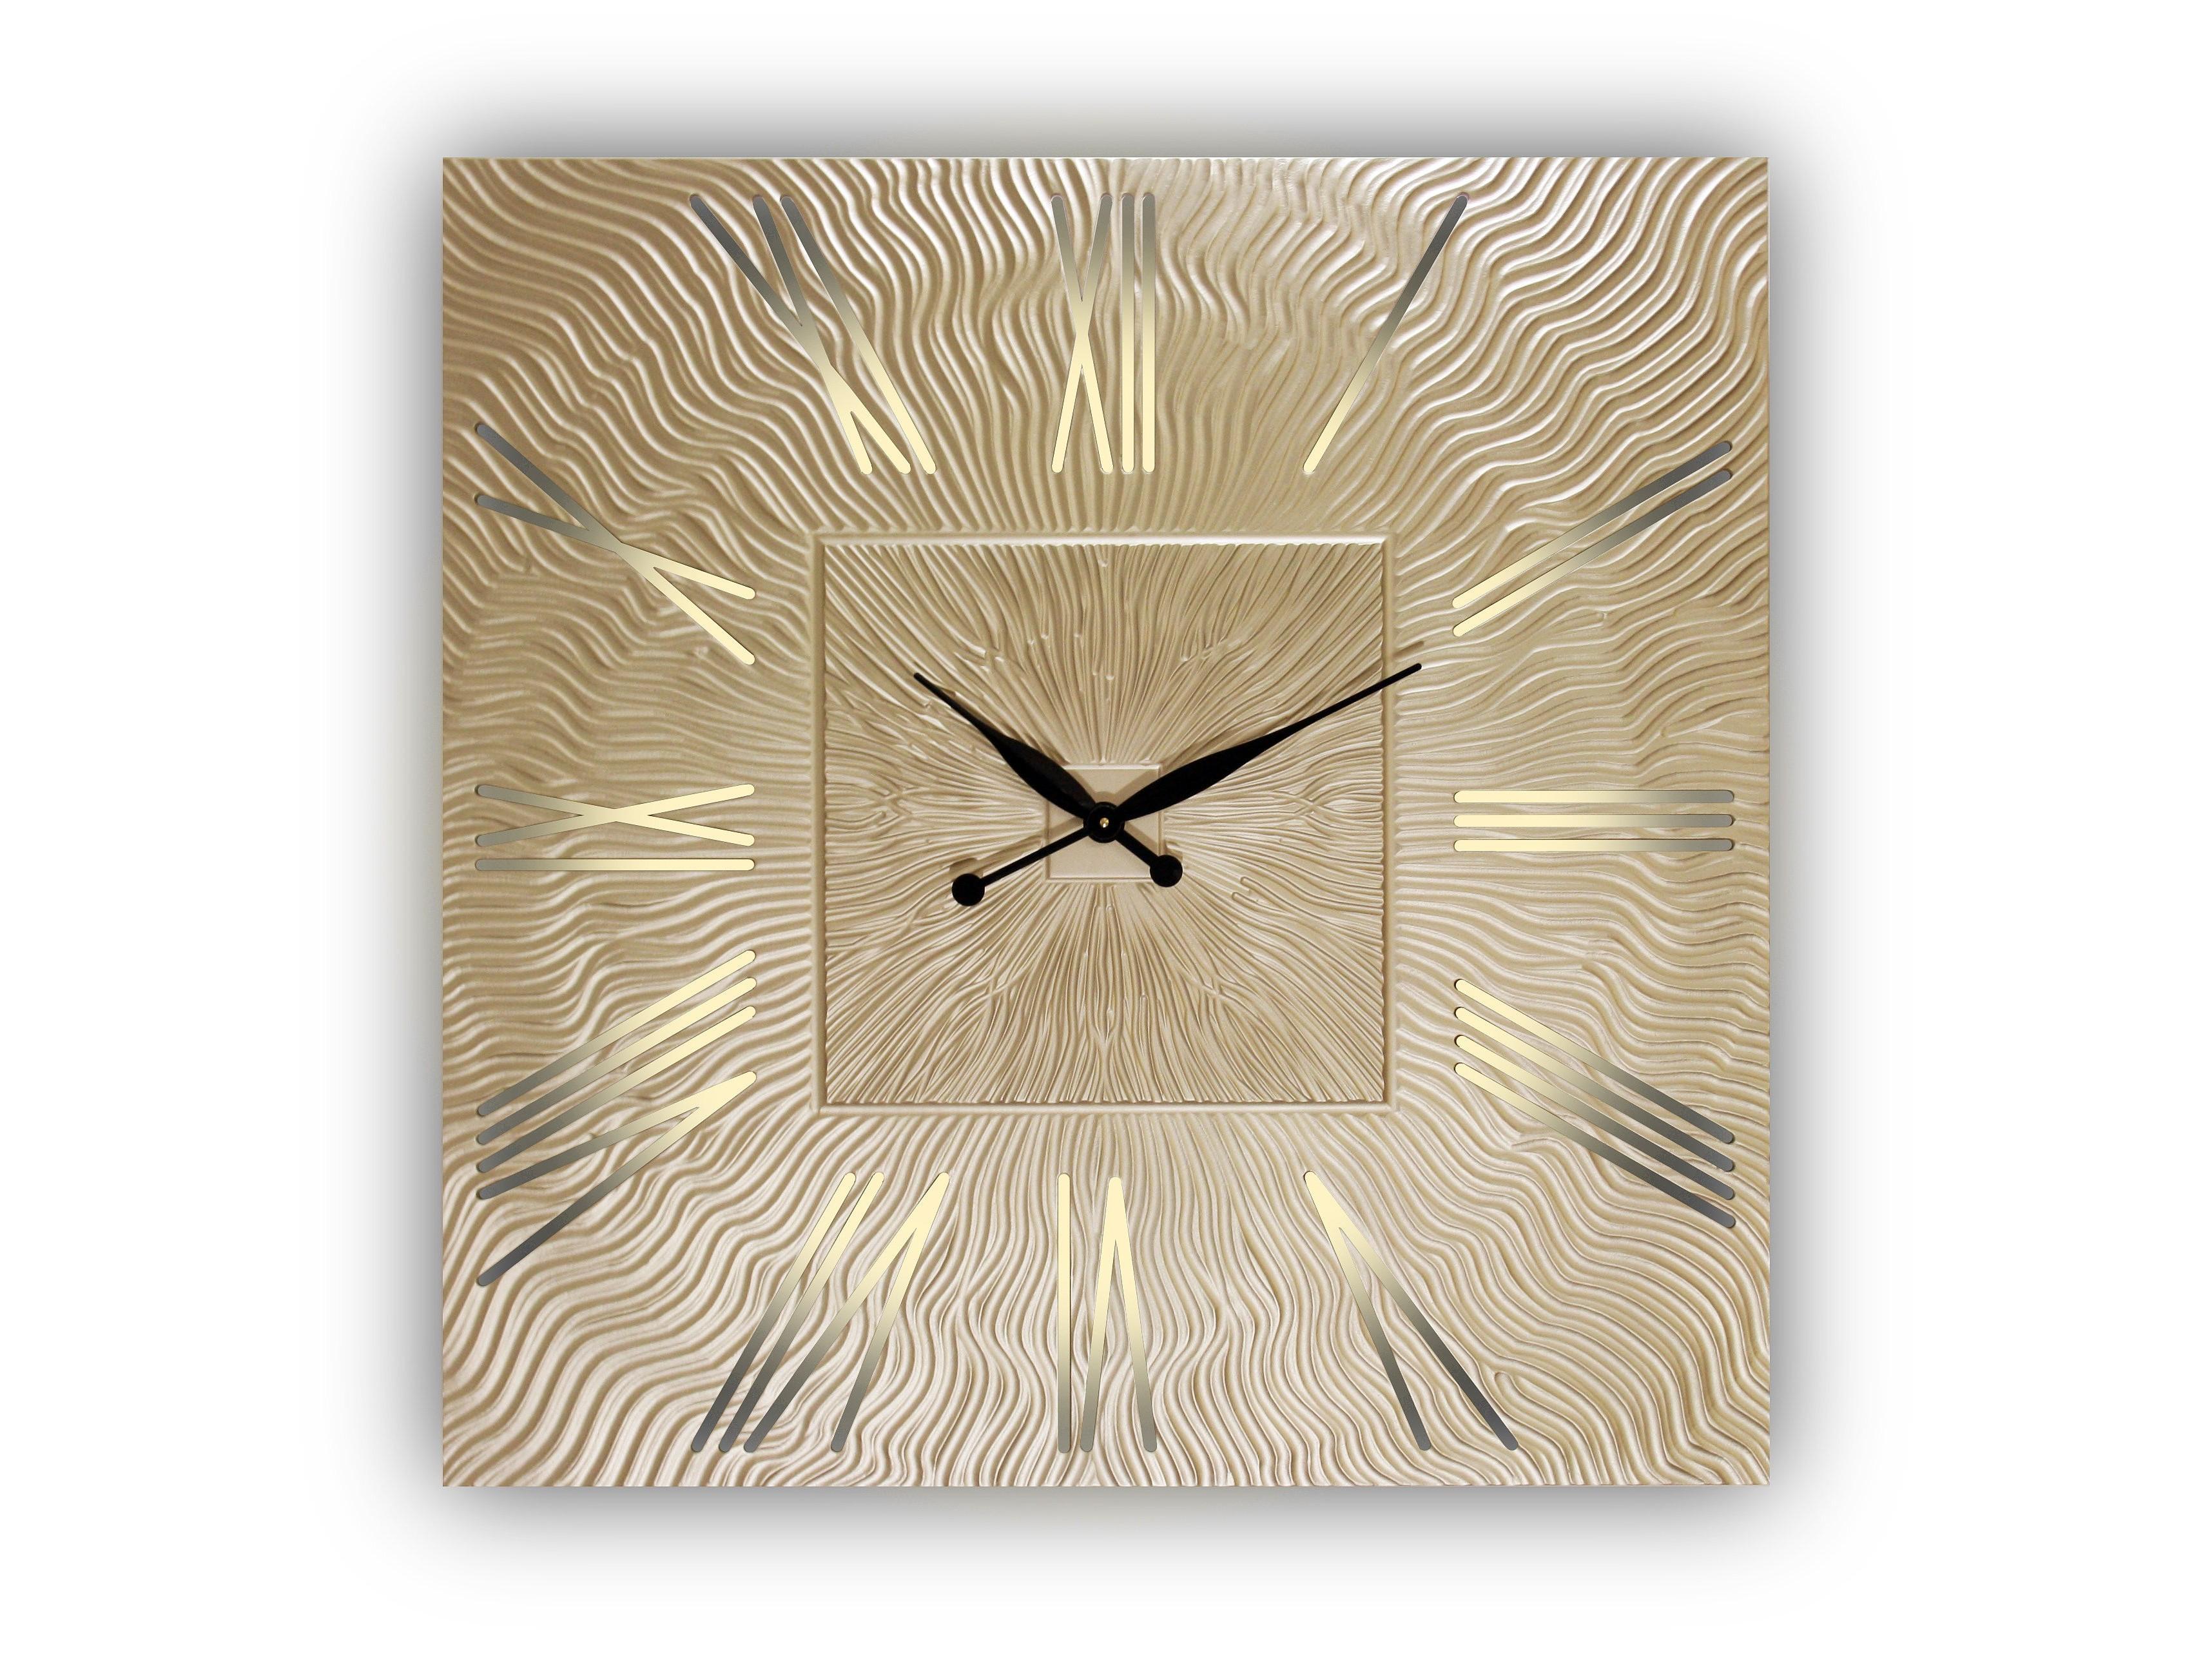 Часы настенные Twinkle QuНастенные часы<br>Кварцевый механизм&amp;lt;div&amp;gt;Часы оснащены встроенной светодиодной подсветкой&amp;amp;nbsp;&amp;lt;/div&amp;gt;&amp;lt;div&amp;gt;Возможны варианты с другими размерами без изменения цены: представлены часы с диаметрами 90, 80, 75 и 60 см.&amp;lt;/div&amp;gt;<br><br>Material: Дерево<br>Height см: 0.8<br>Diameter см: 90